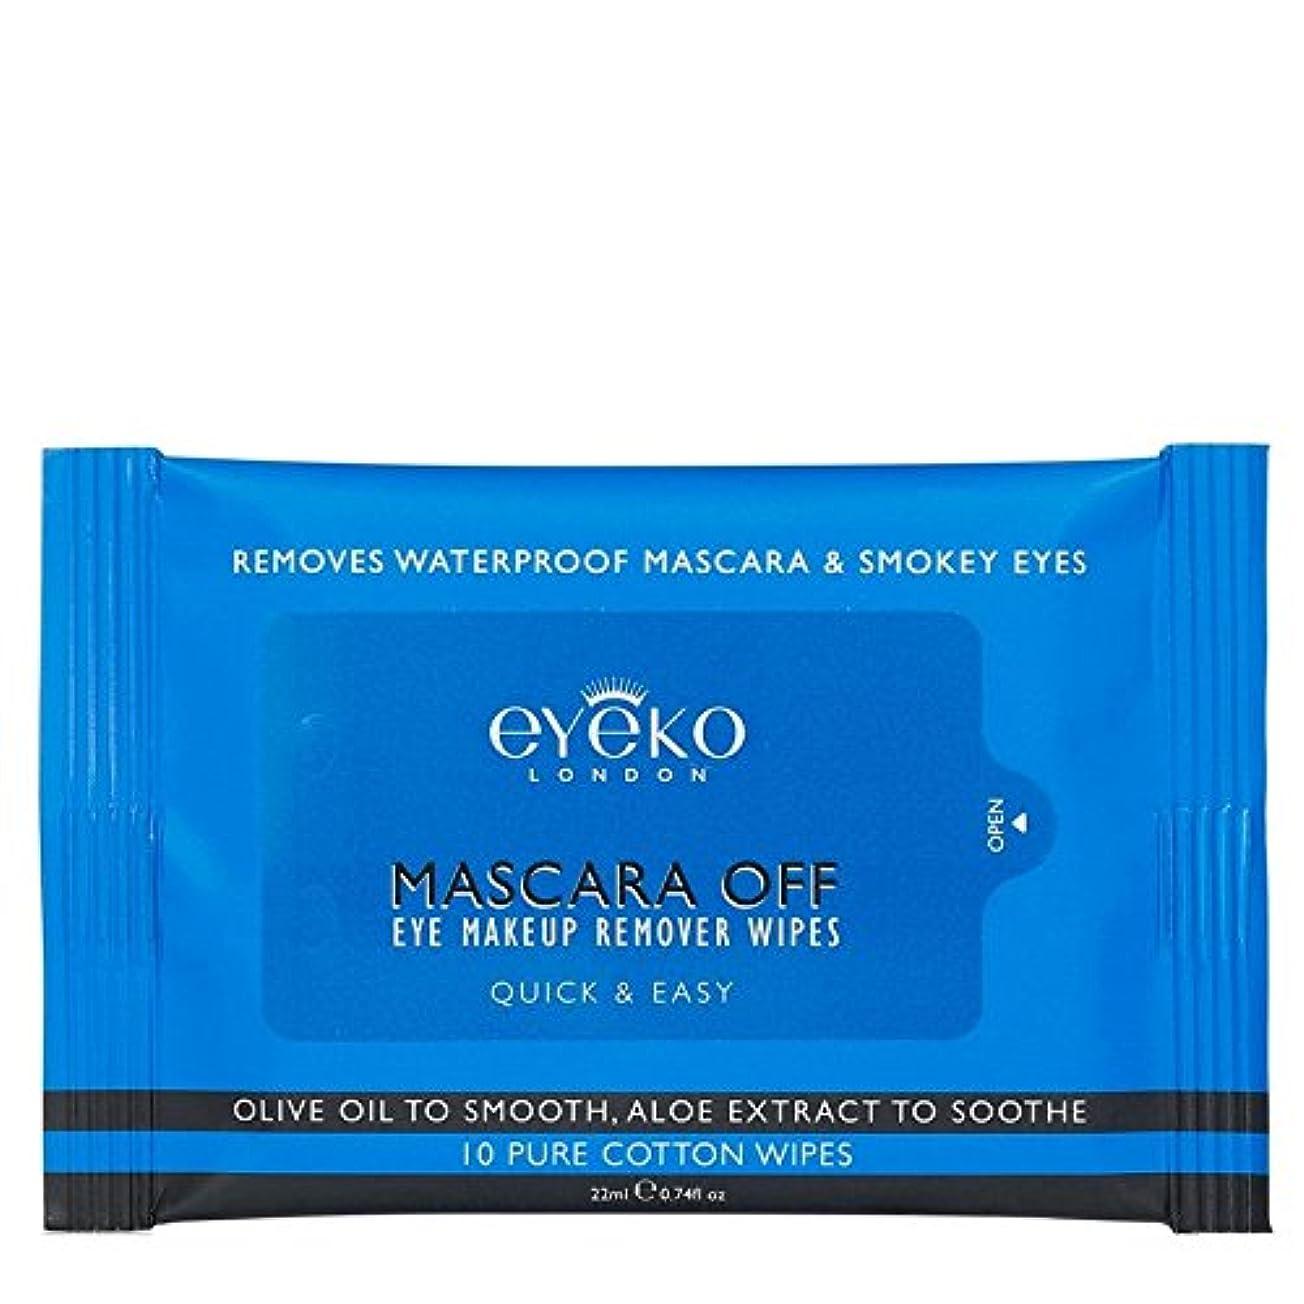 深くセールきょうだいマスカラオフパックあたり10ワイプ x4 - Eyeko Mascara off Wipes 10 per pack (Pack of 4) [並行輸入品]